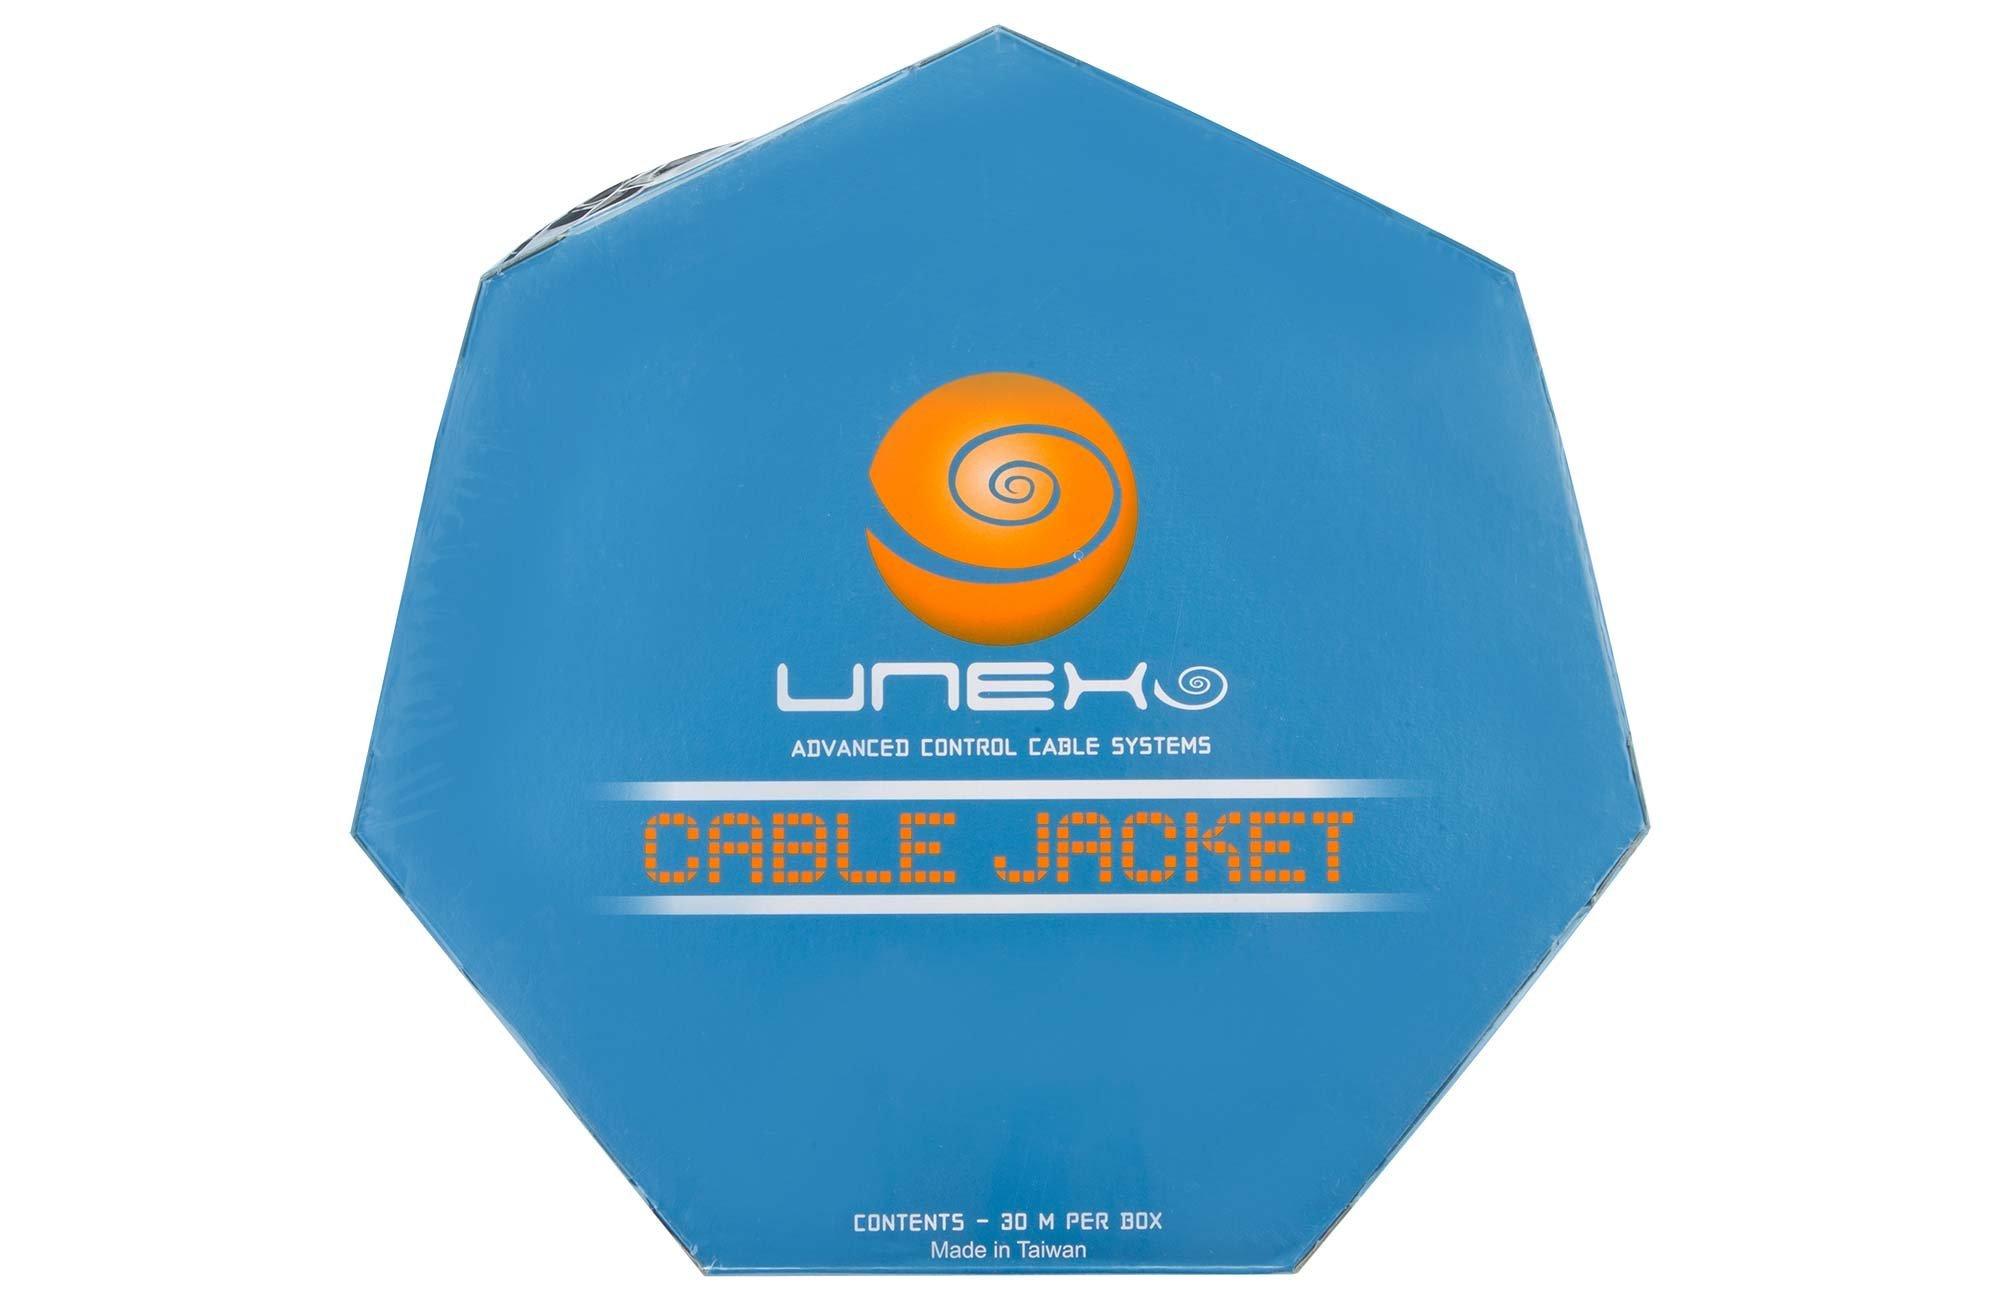 Купить Рубашка троса переключения UN-16630 3-х слойная (1м) в интернет магазине велосипедов. Выбрать велосипед. Цены, фото, отзывы